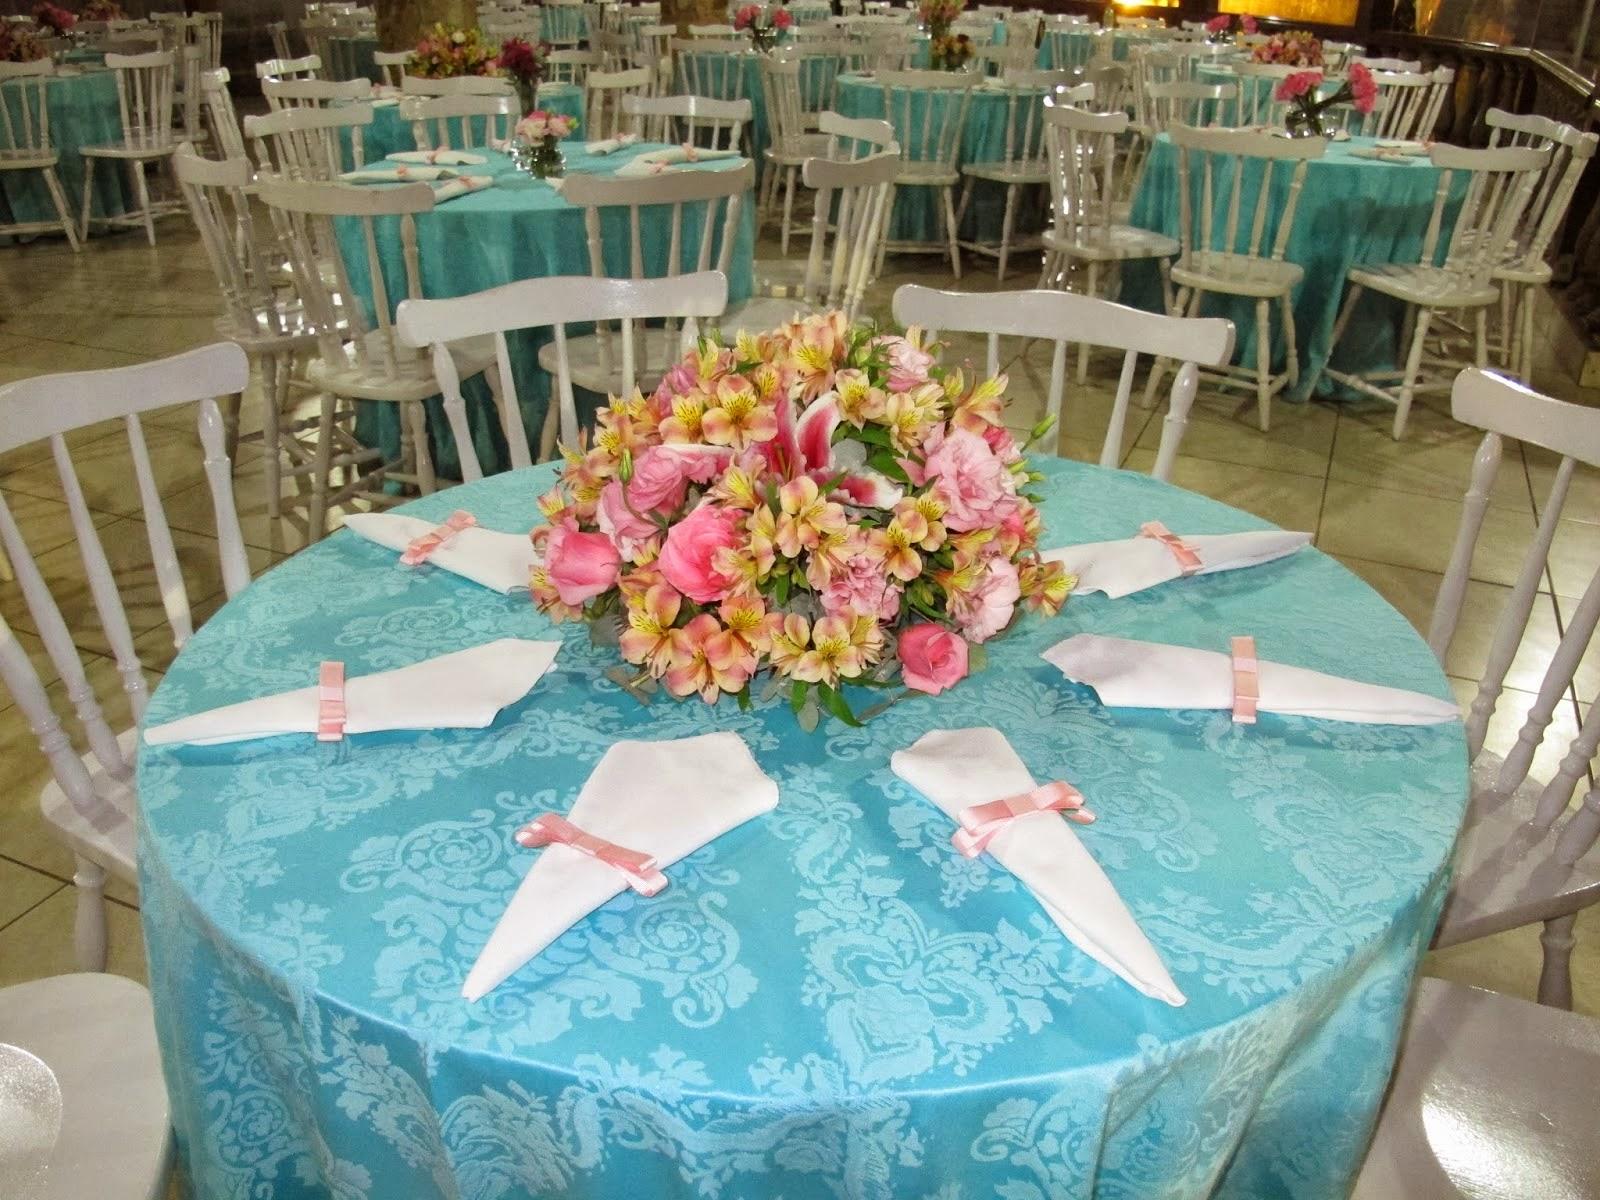 decoracao de casamento azul : decoracao casamento azul tiffany ? Doitri.com